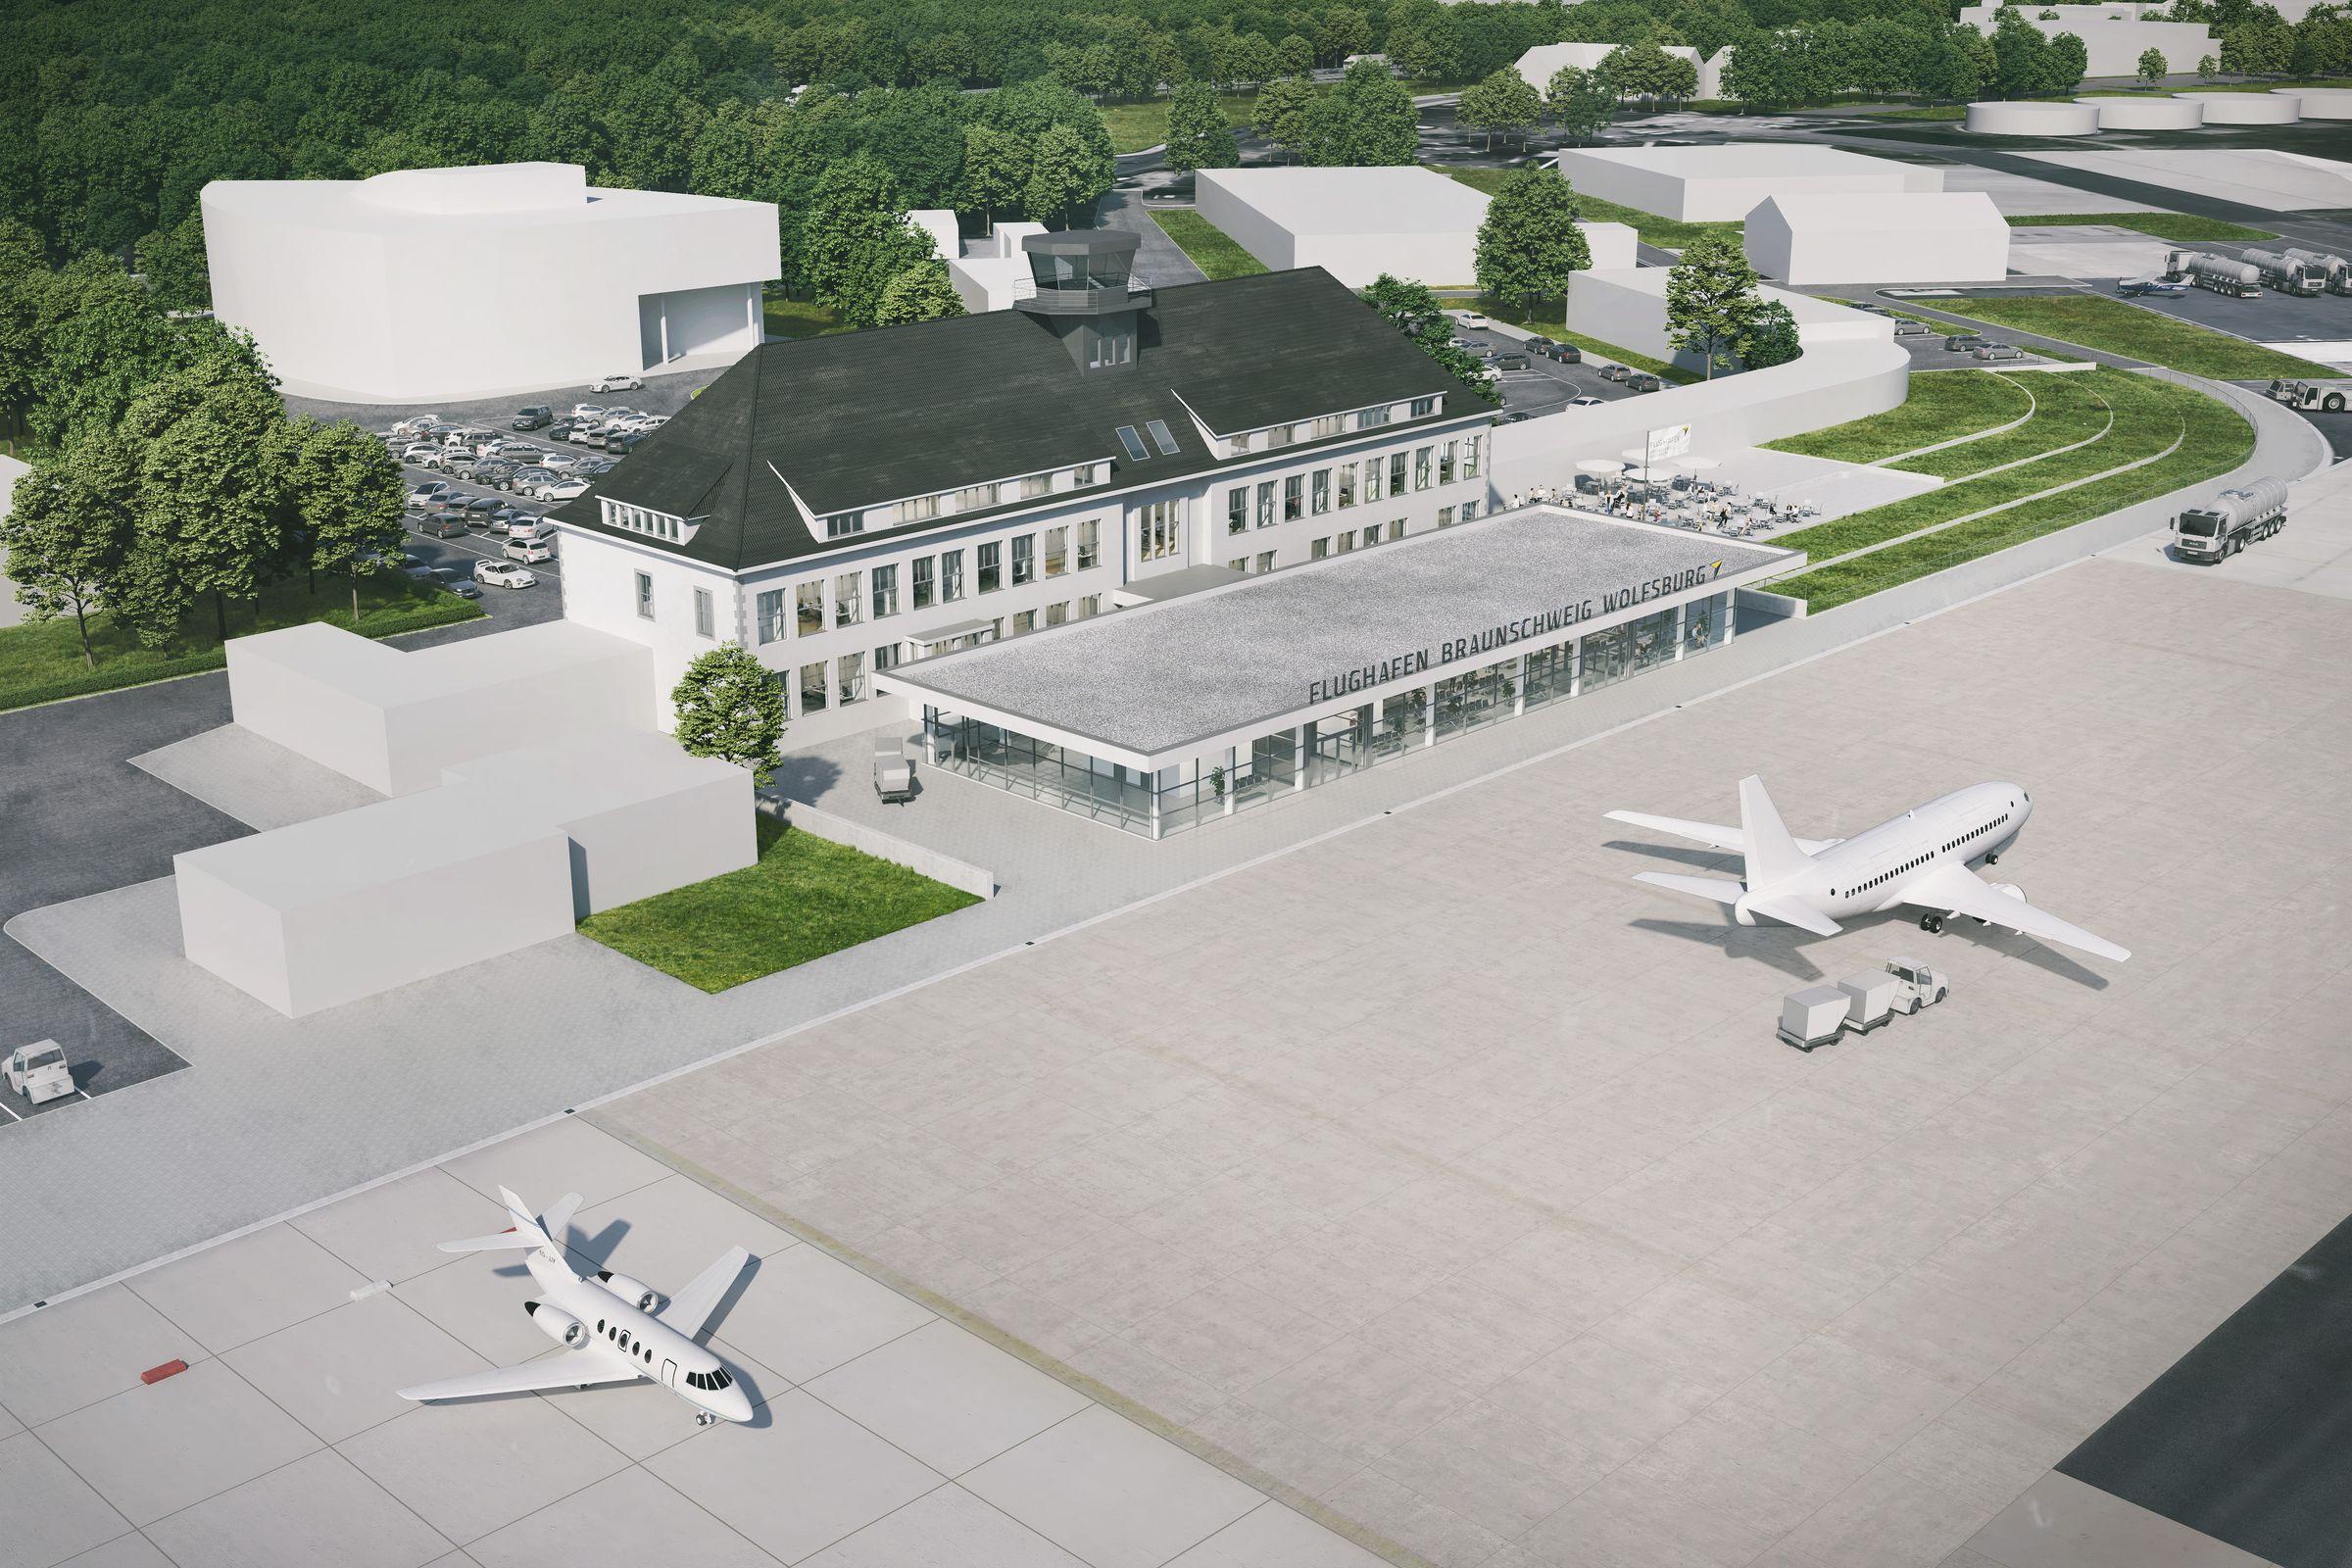 Buehring_Flughafen_Braunschweig_Vogelperspektive_200226_01